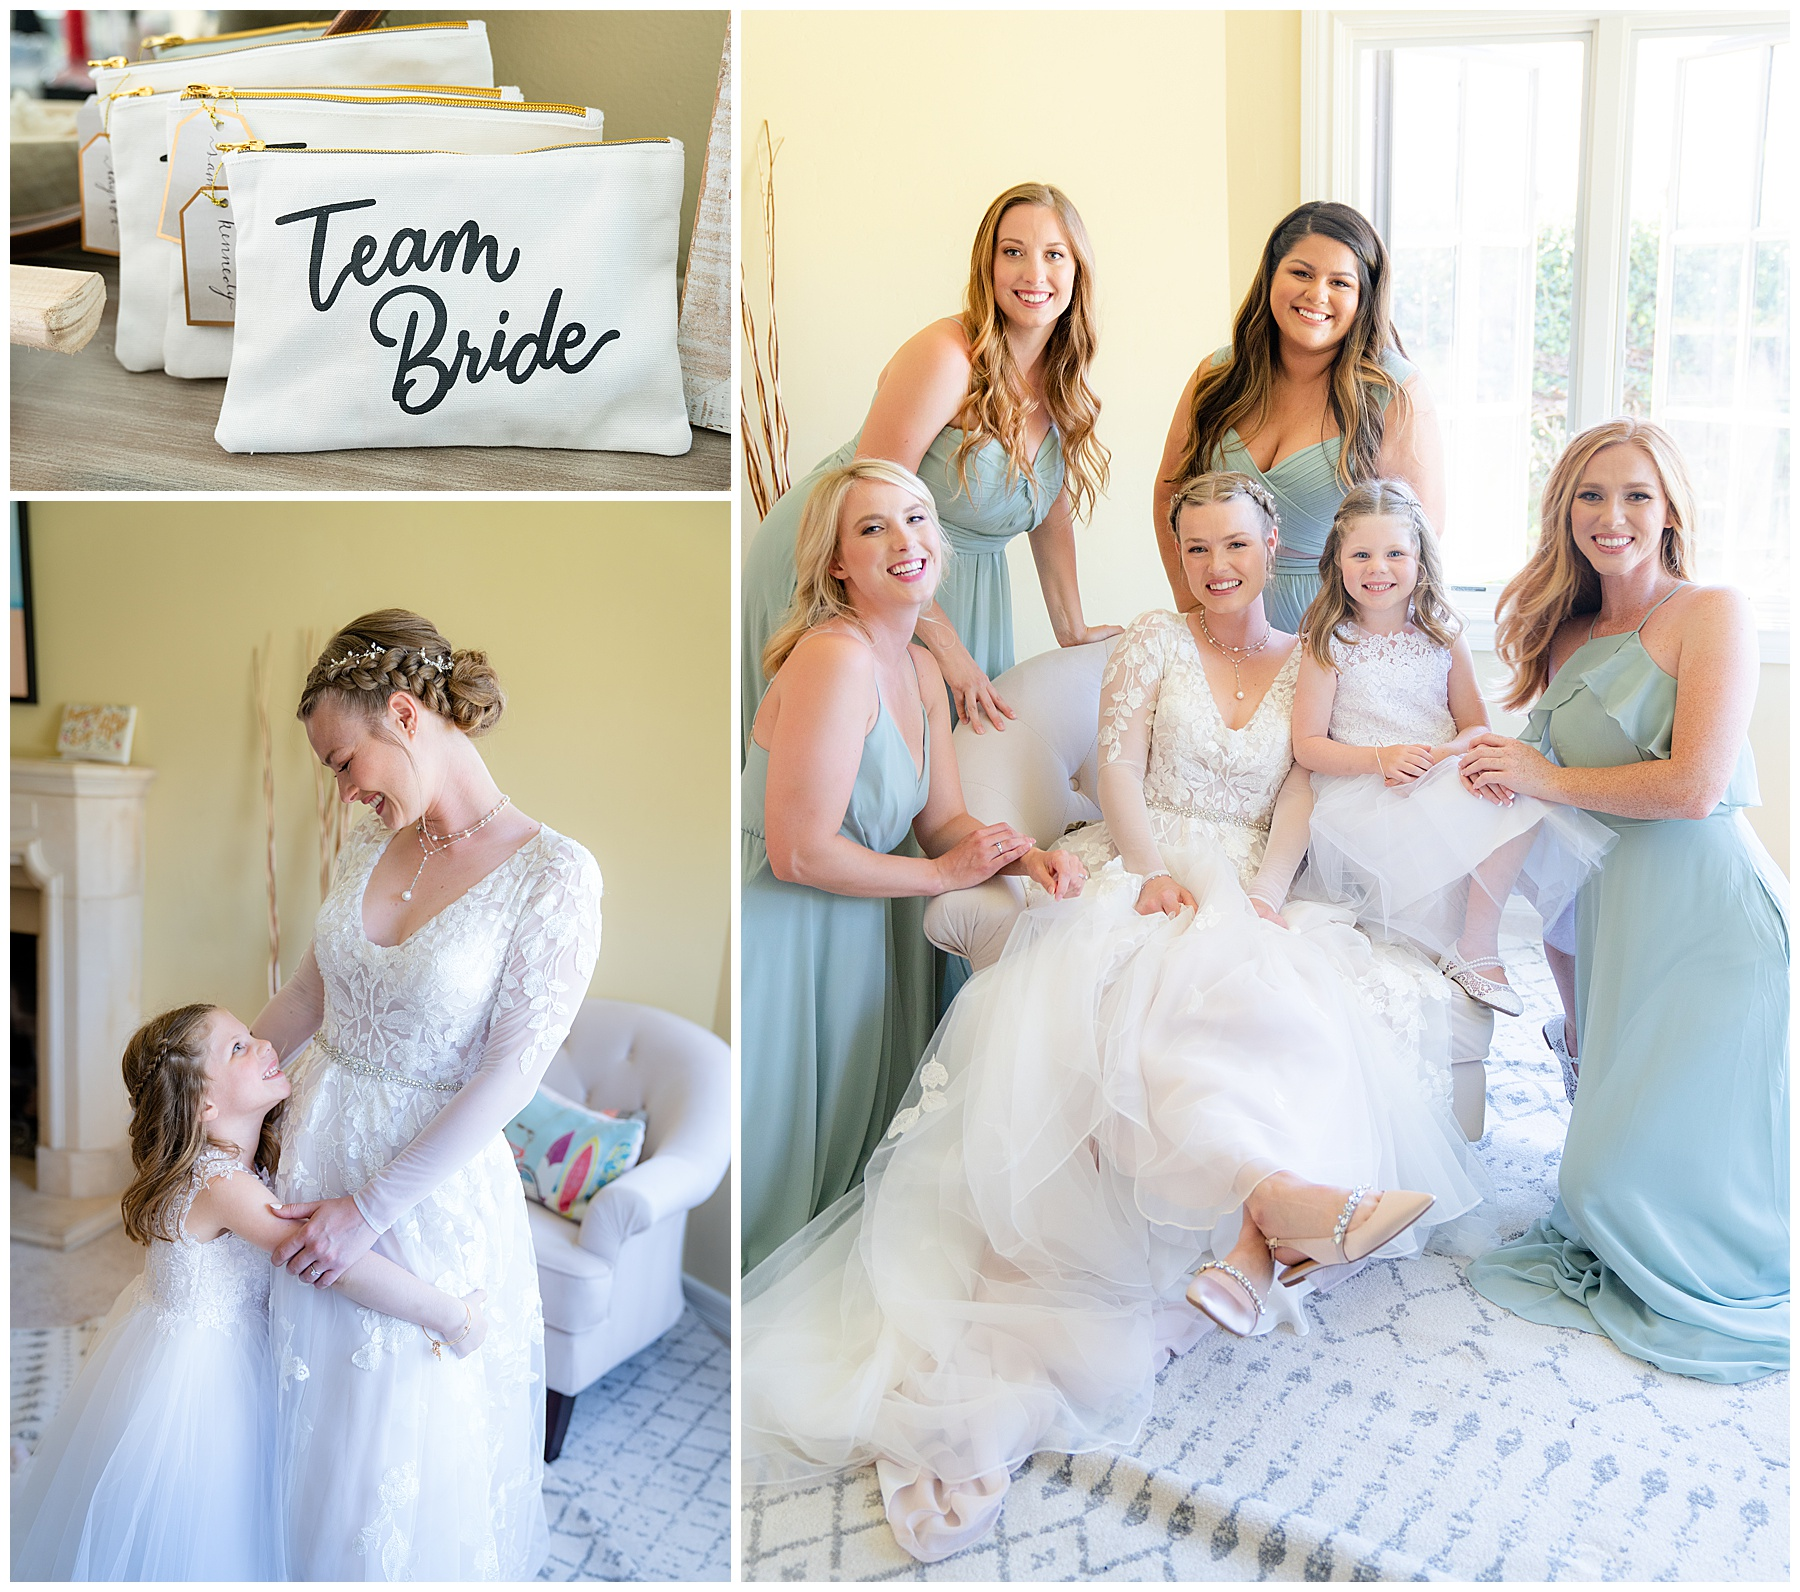 brides maids before wedding